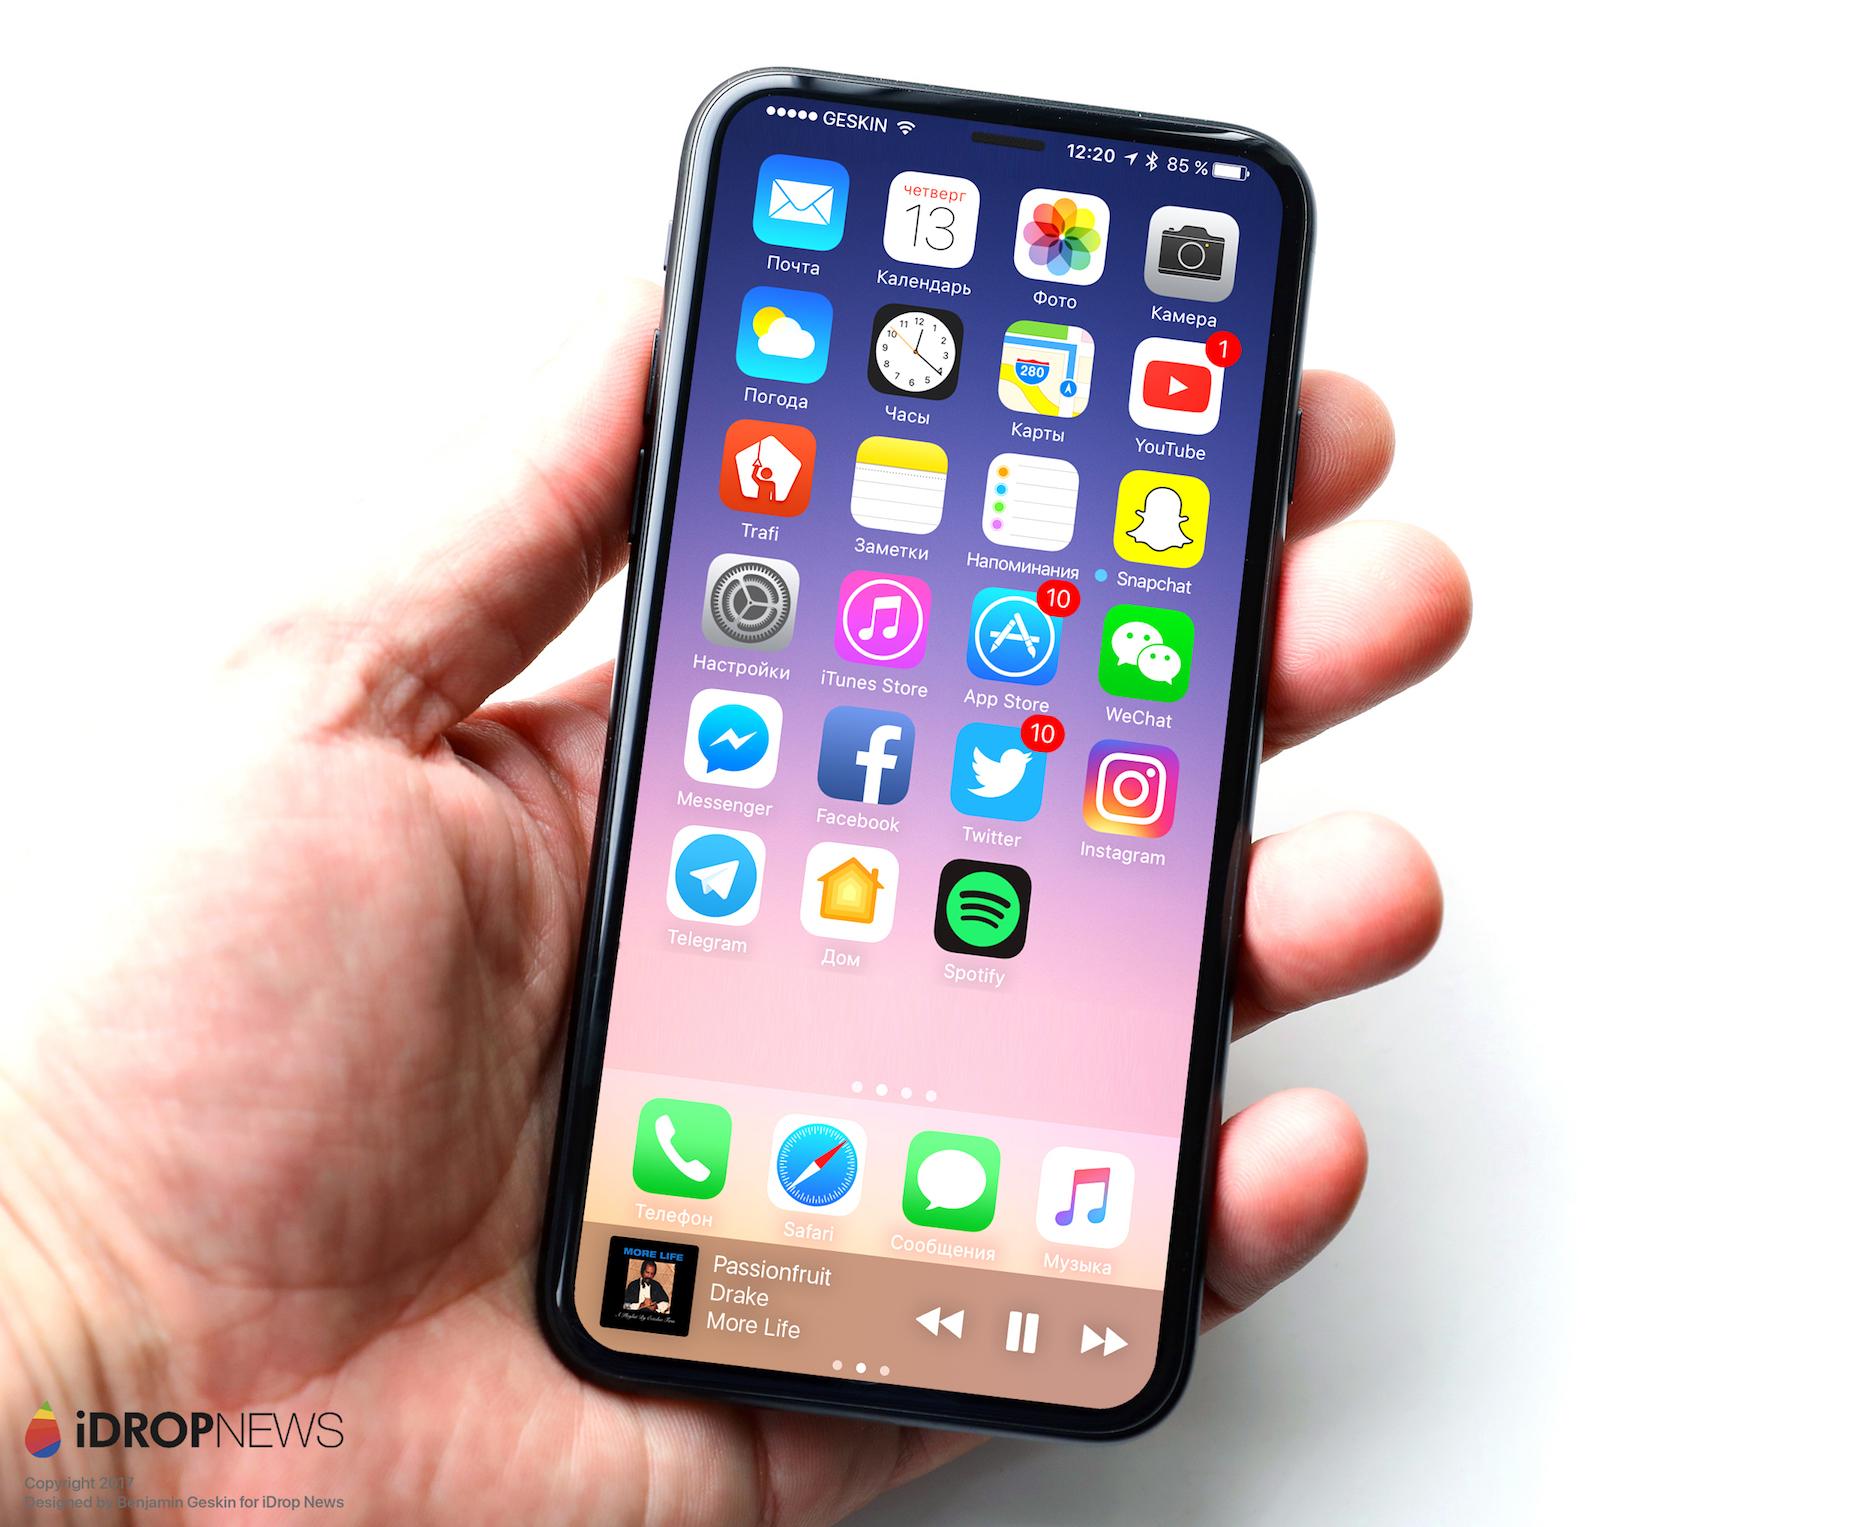 NÓNG: Bom tấn iPhone 8 có thể được trình làng ngay tháng sau - Ảnh 3.